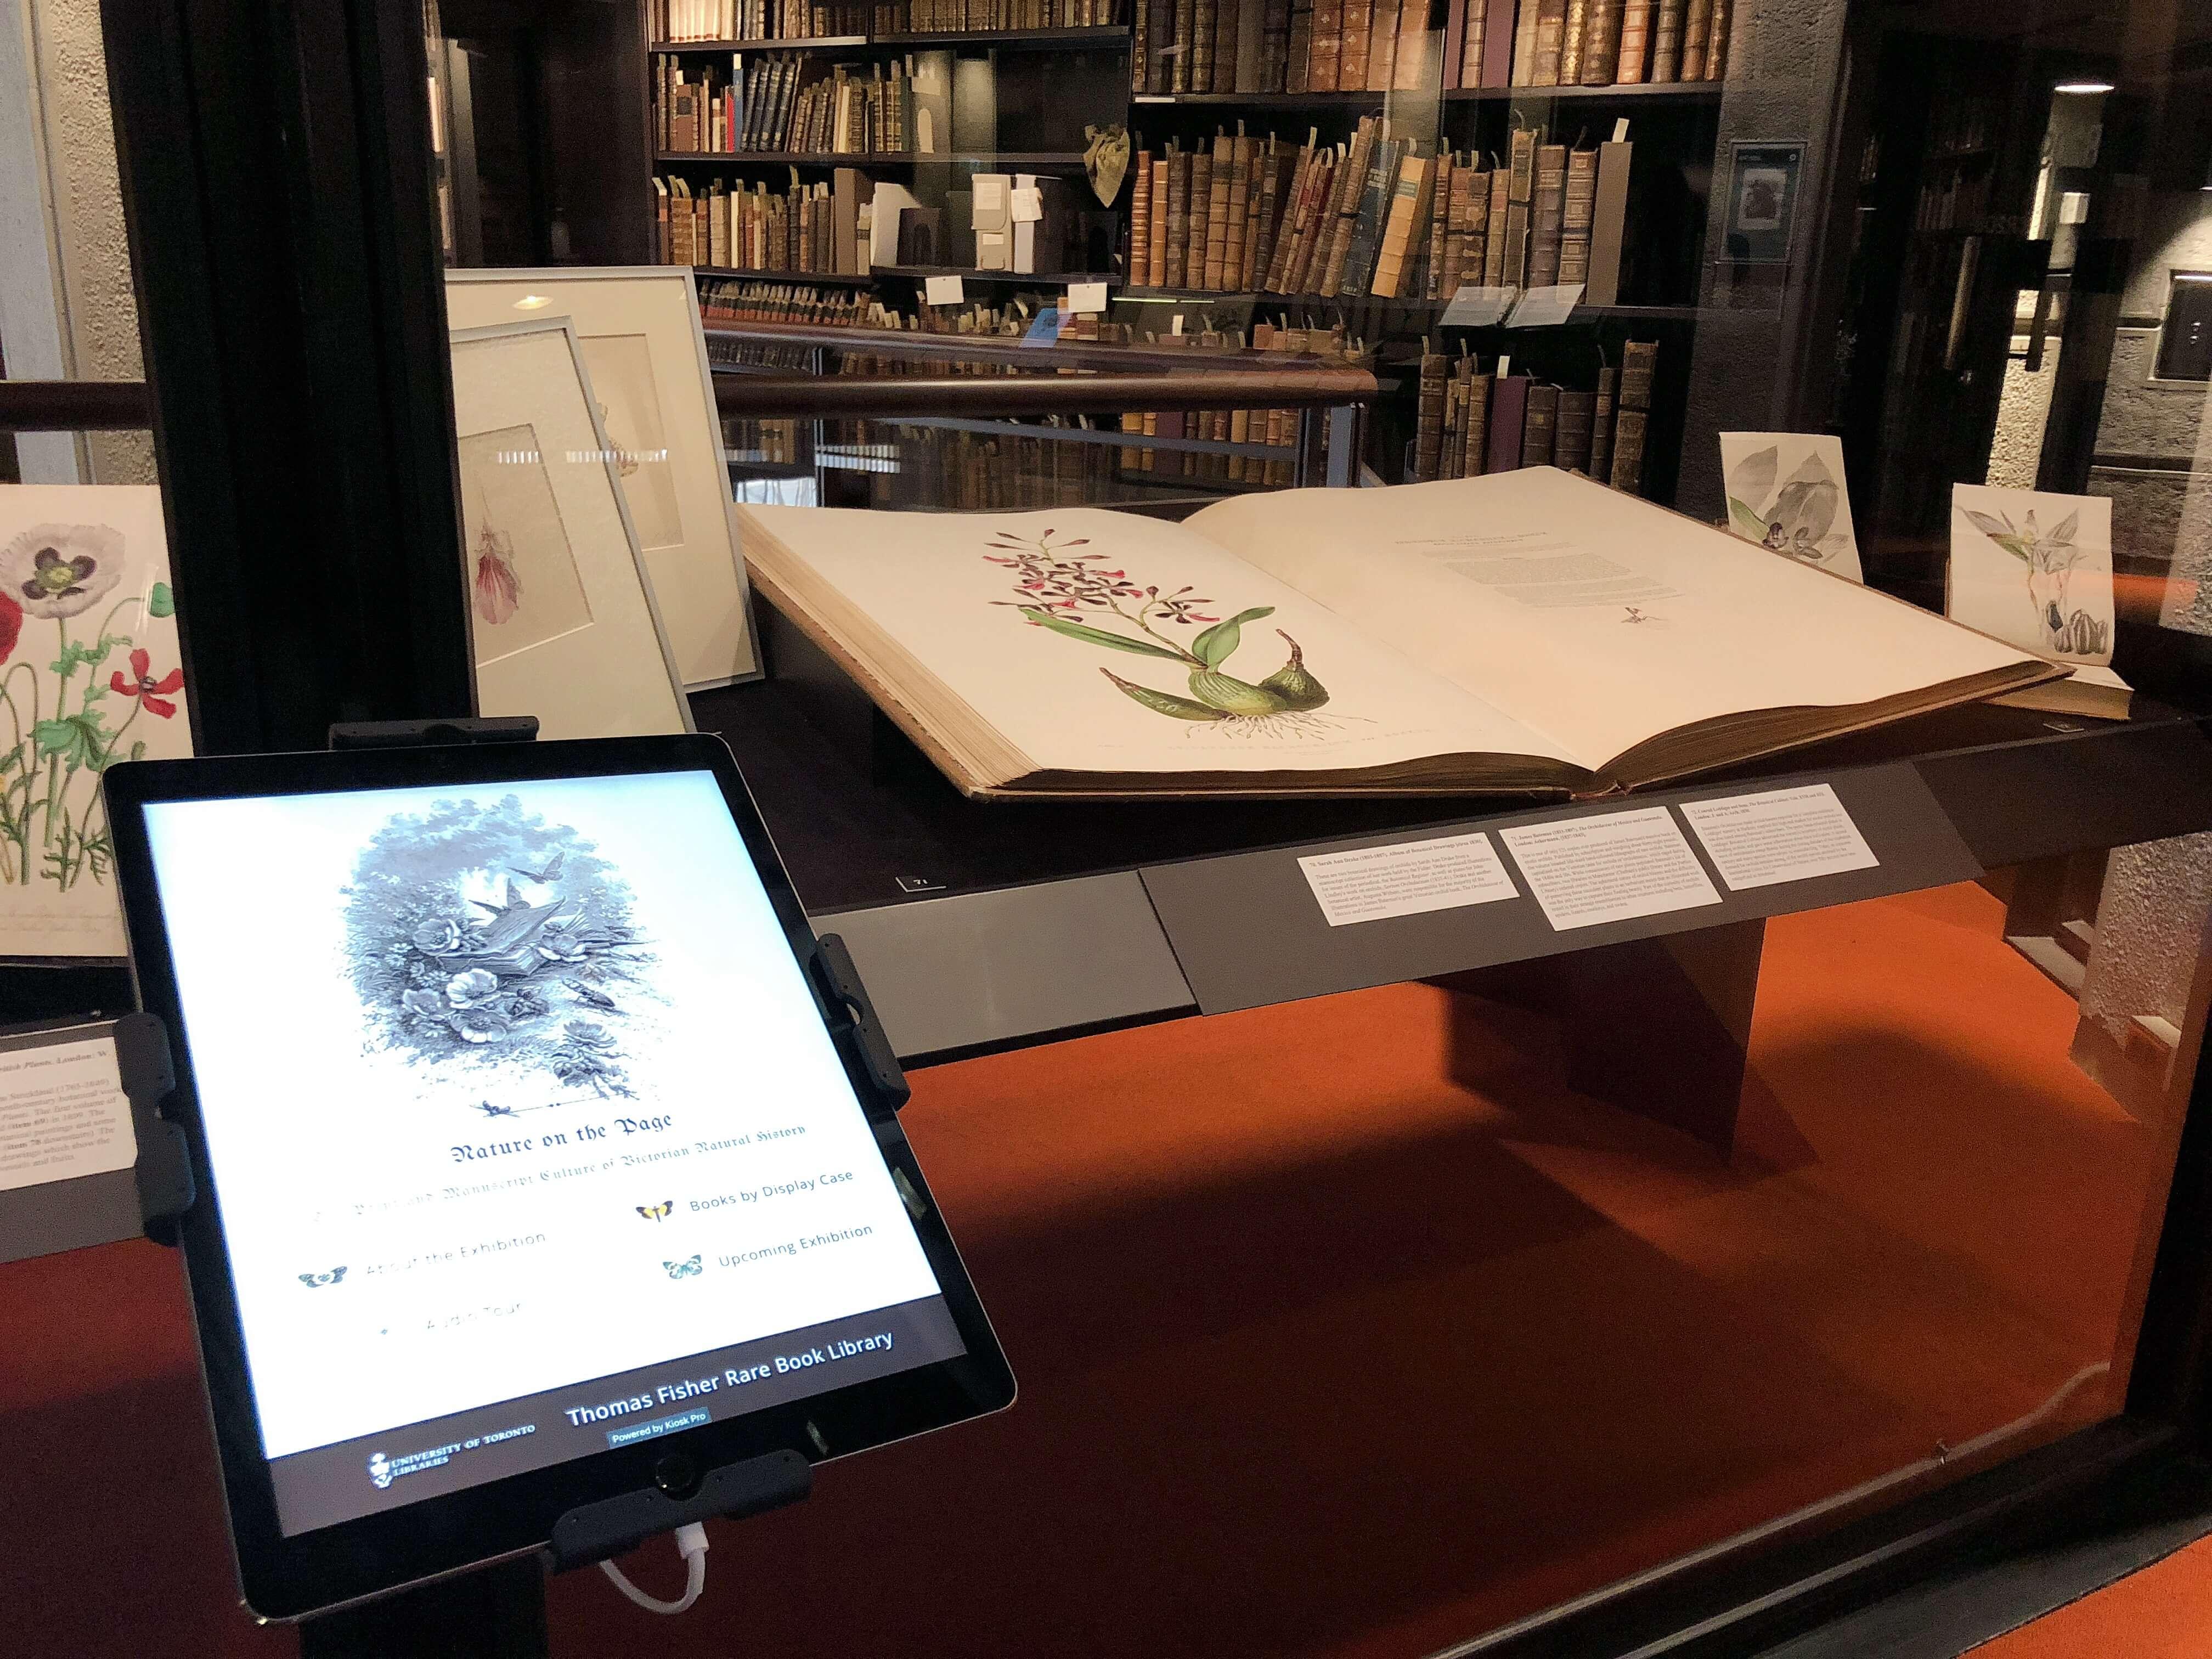 トーマスフィッシャーレアブックライブラリーの展示物